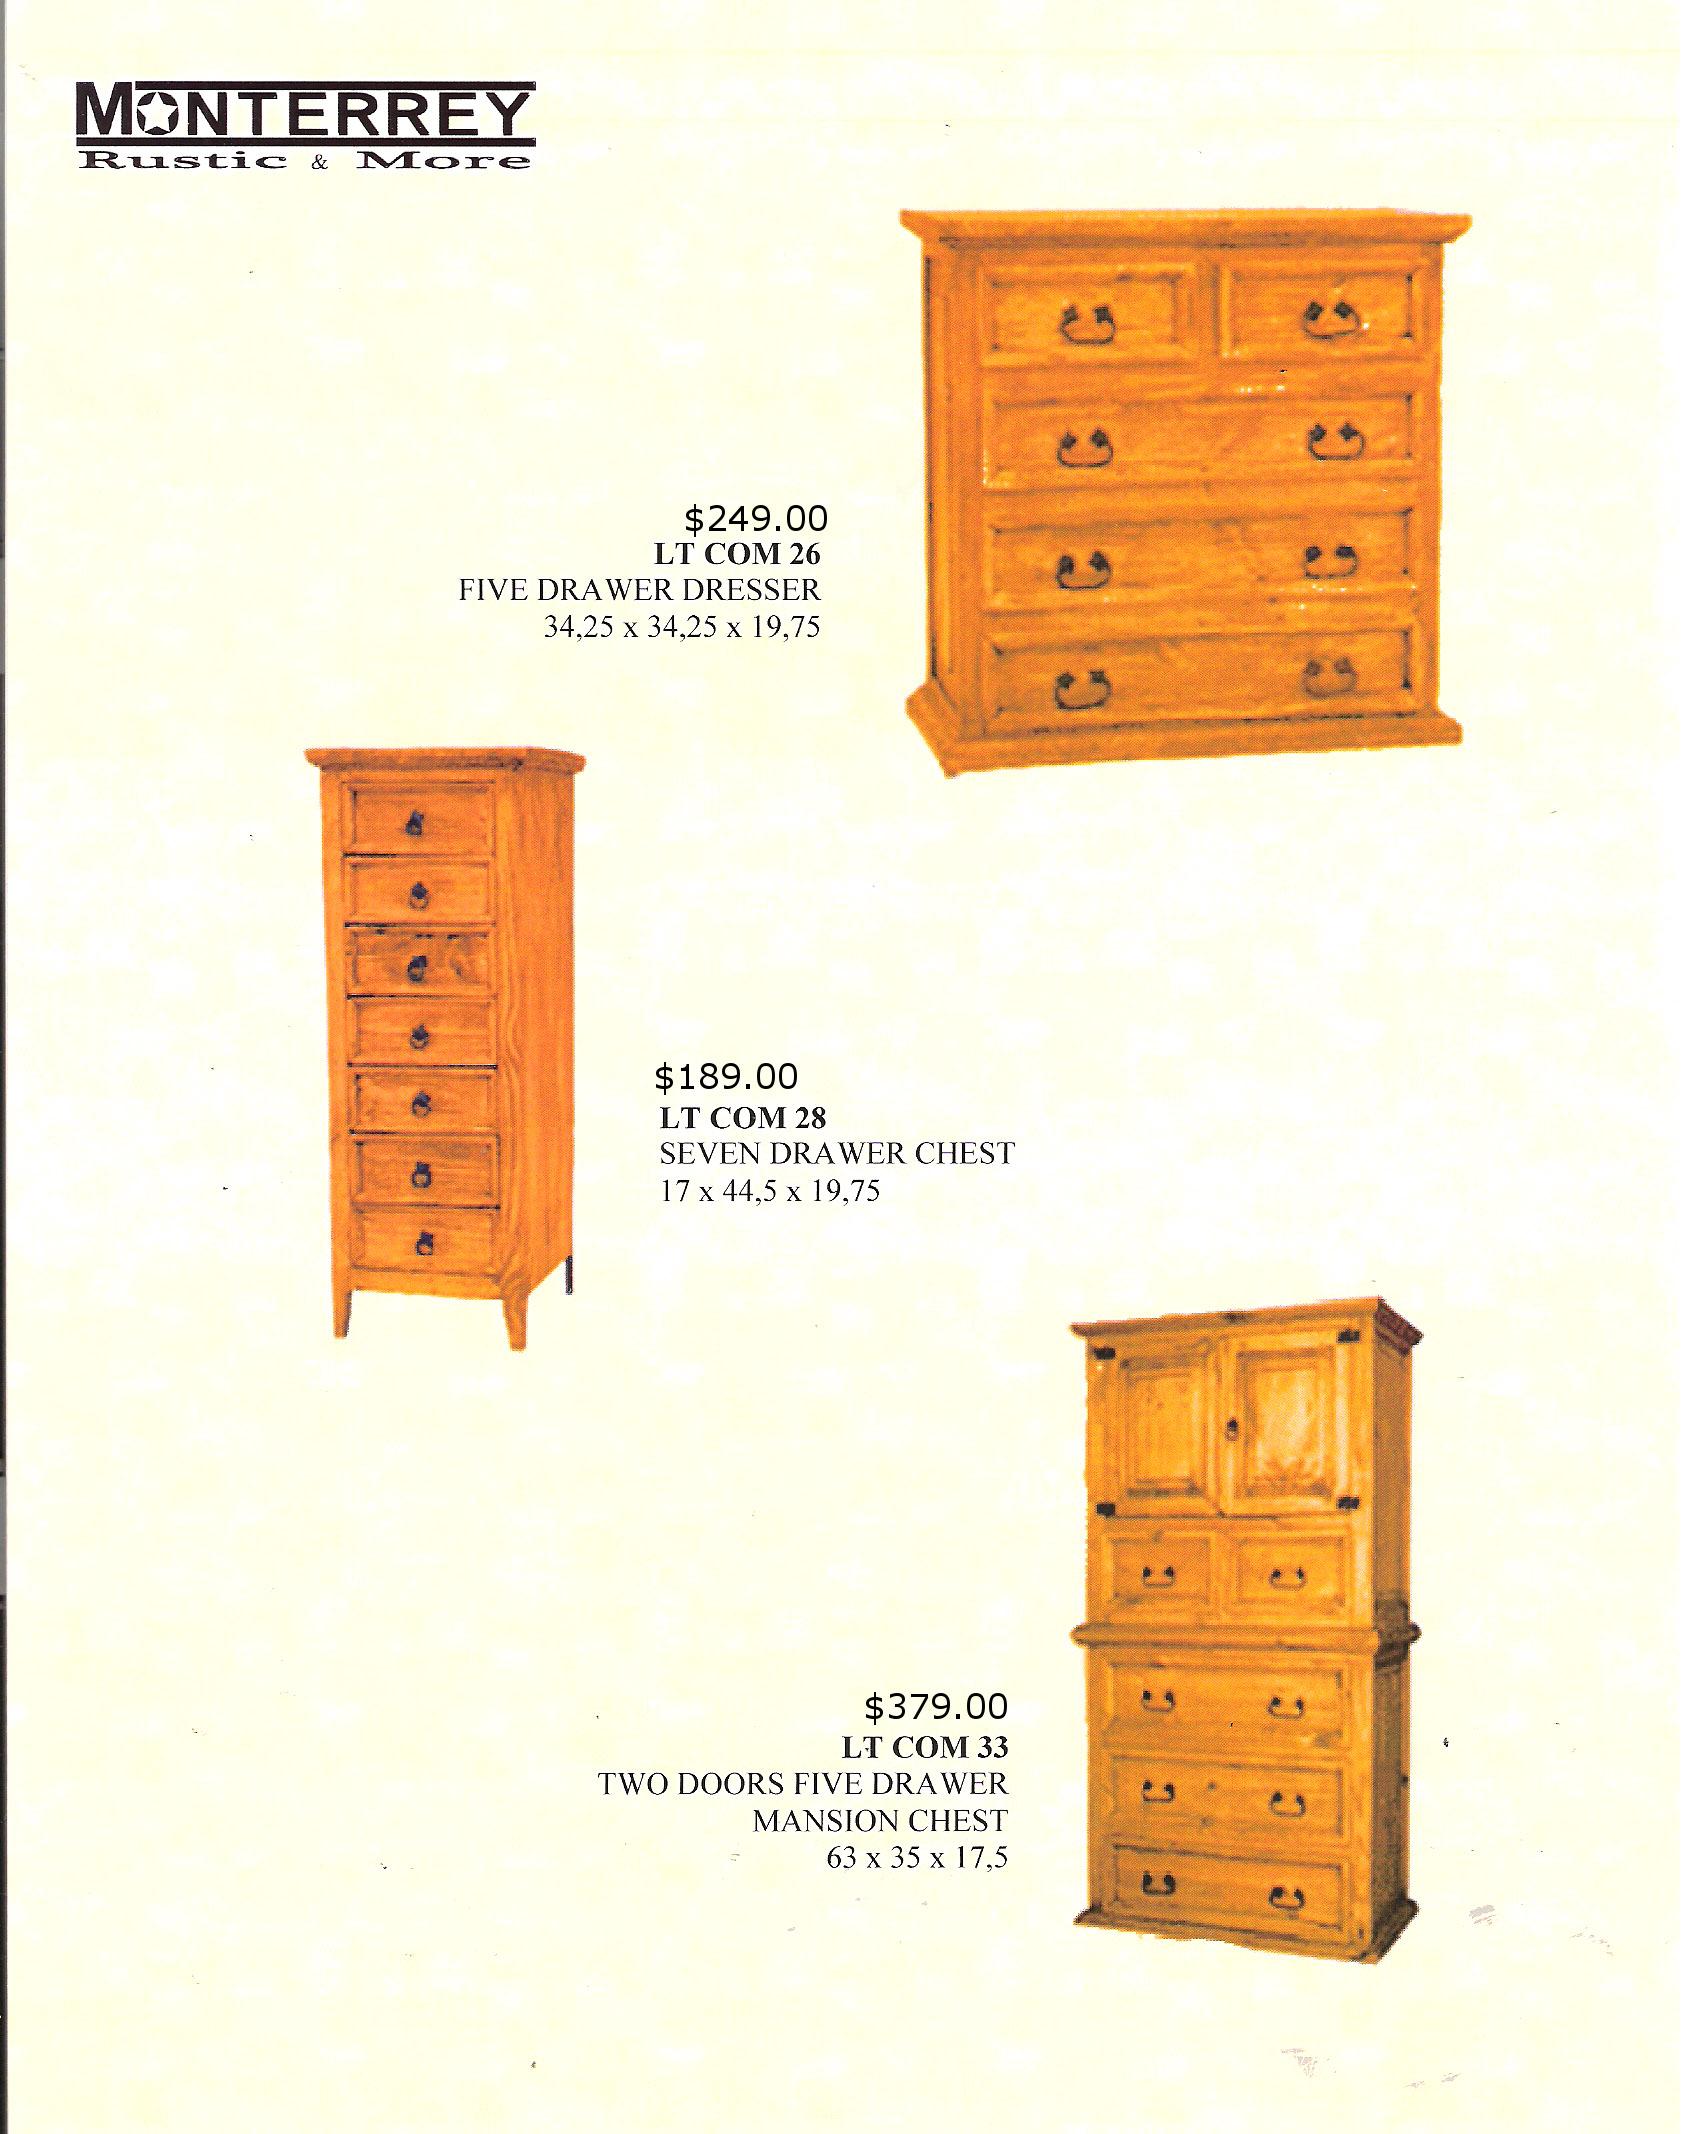 Bedroom Chests Dressers Monterrey Rustic Furniture